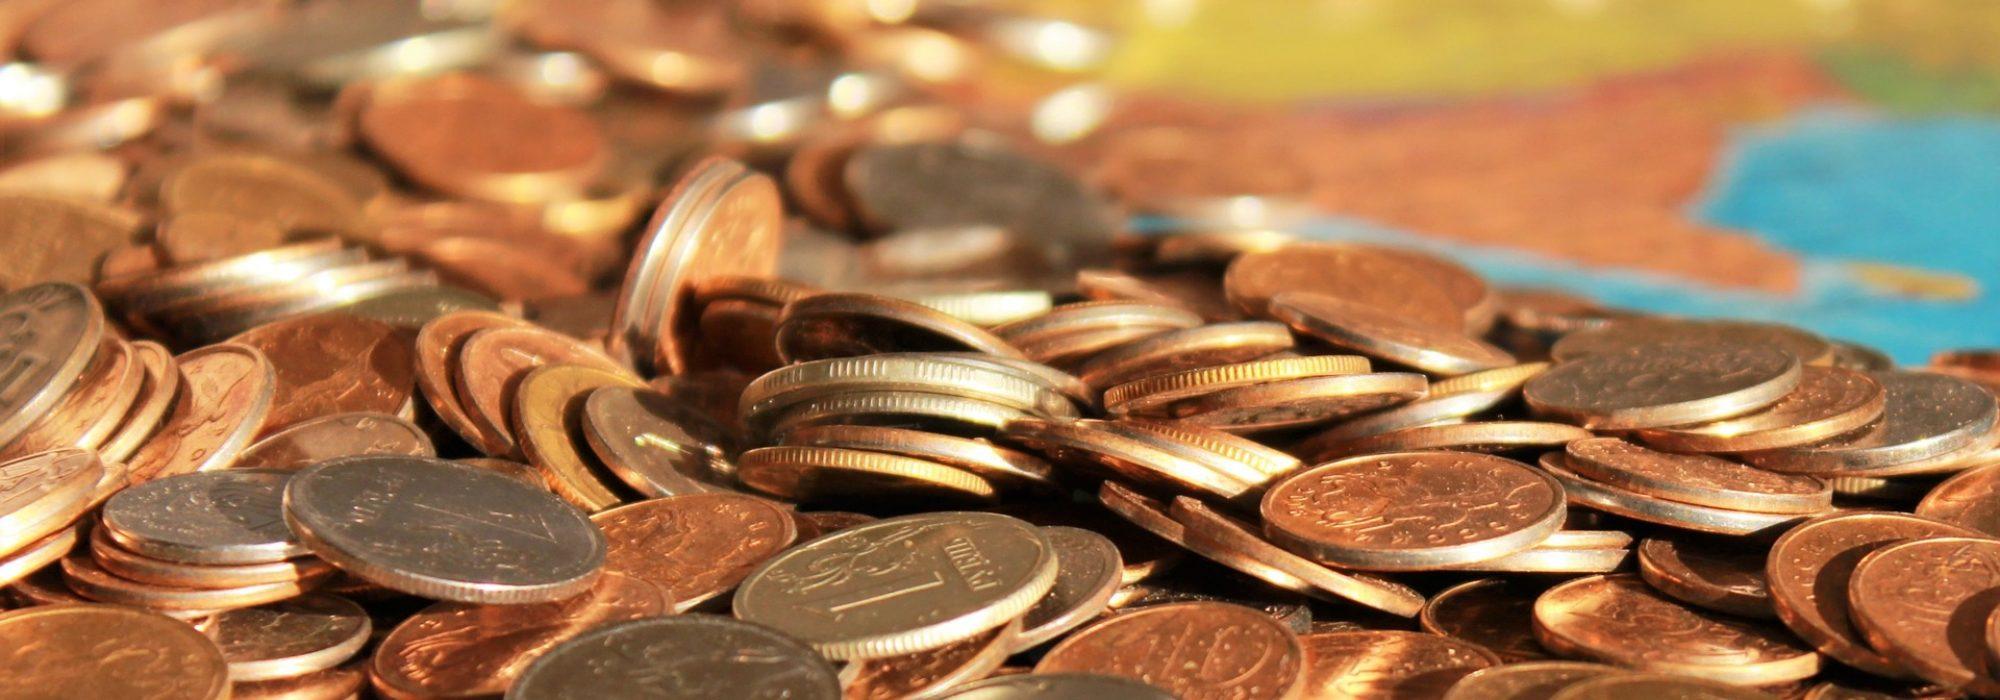 coins-g6054b4535_1920